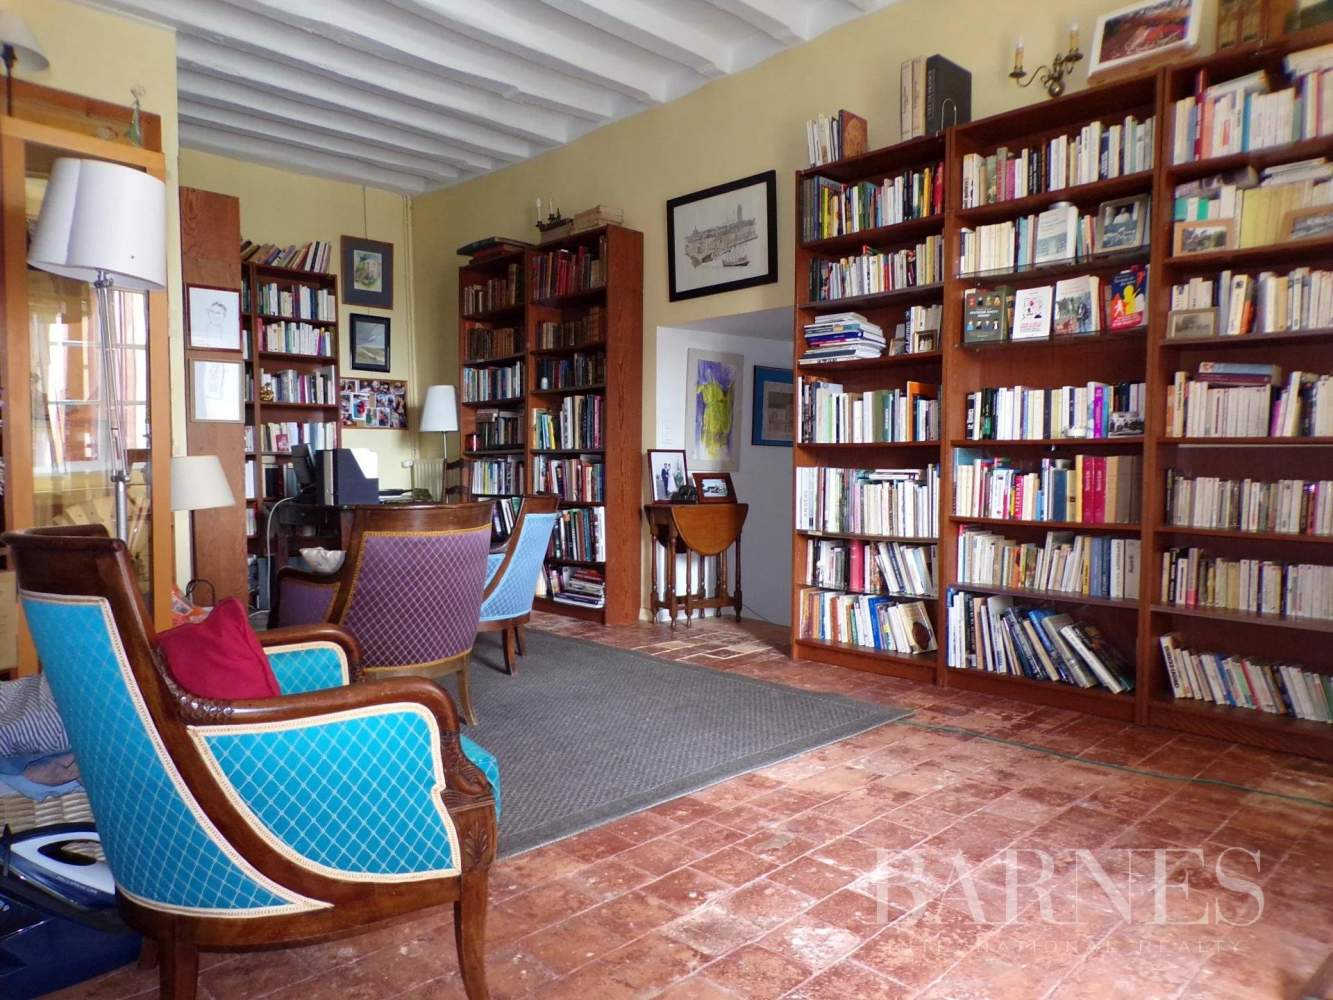 Beaupréau-en-Mauges  - Maison 15 Pièces - picture 12